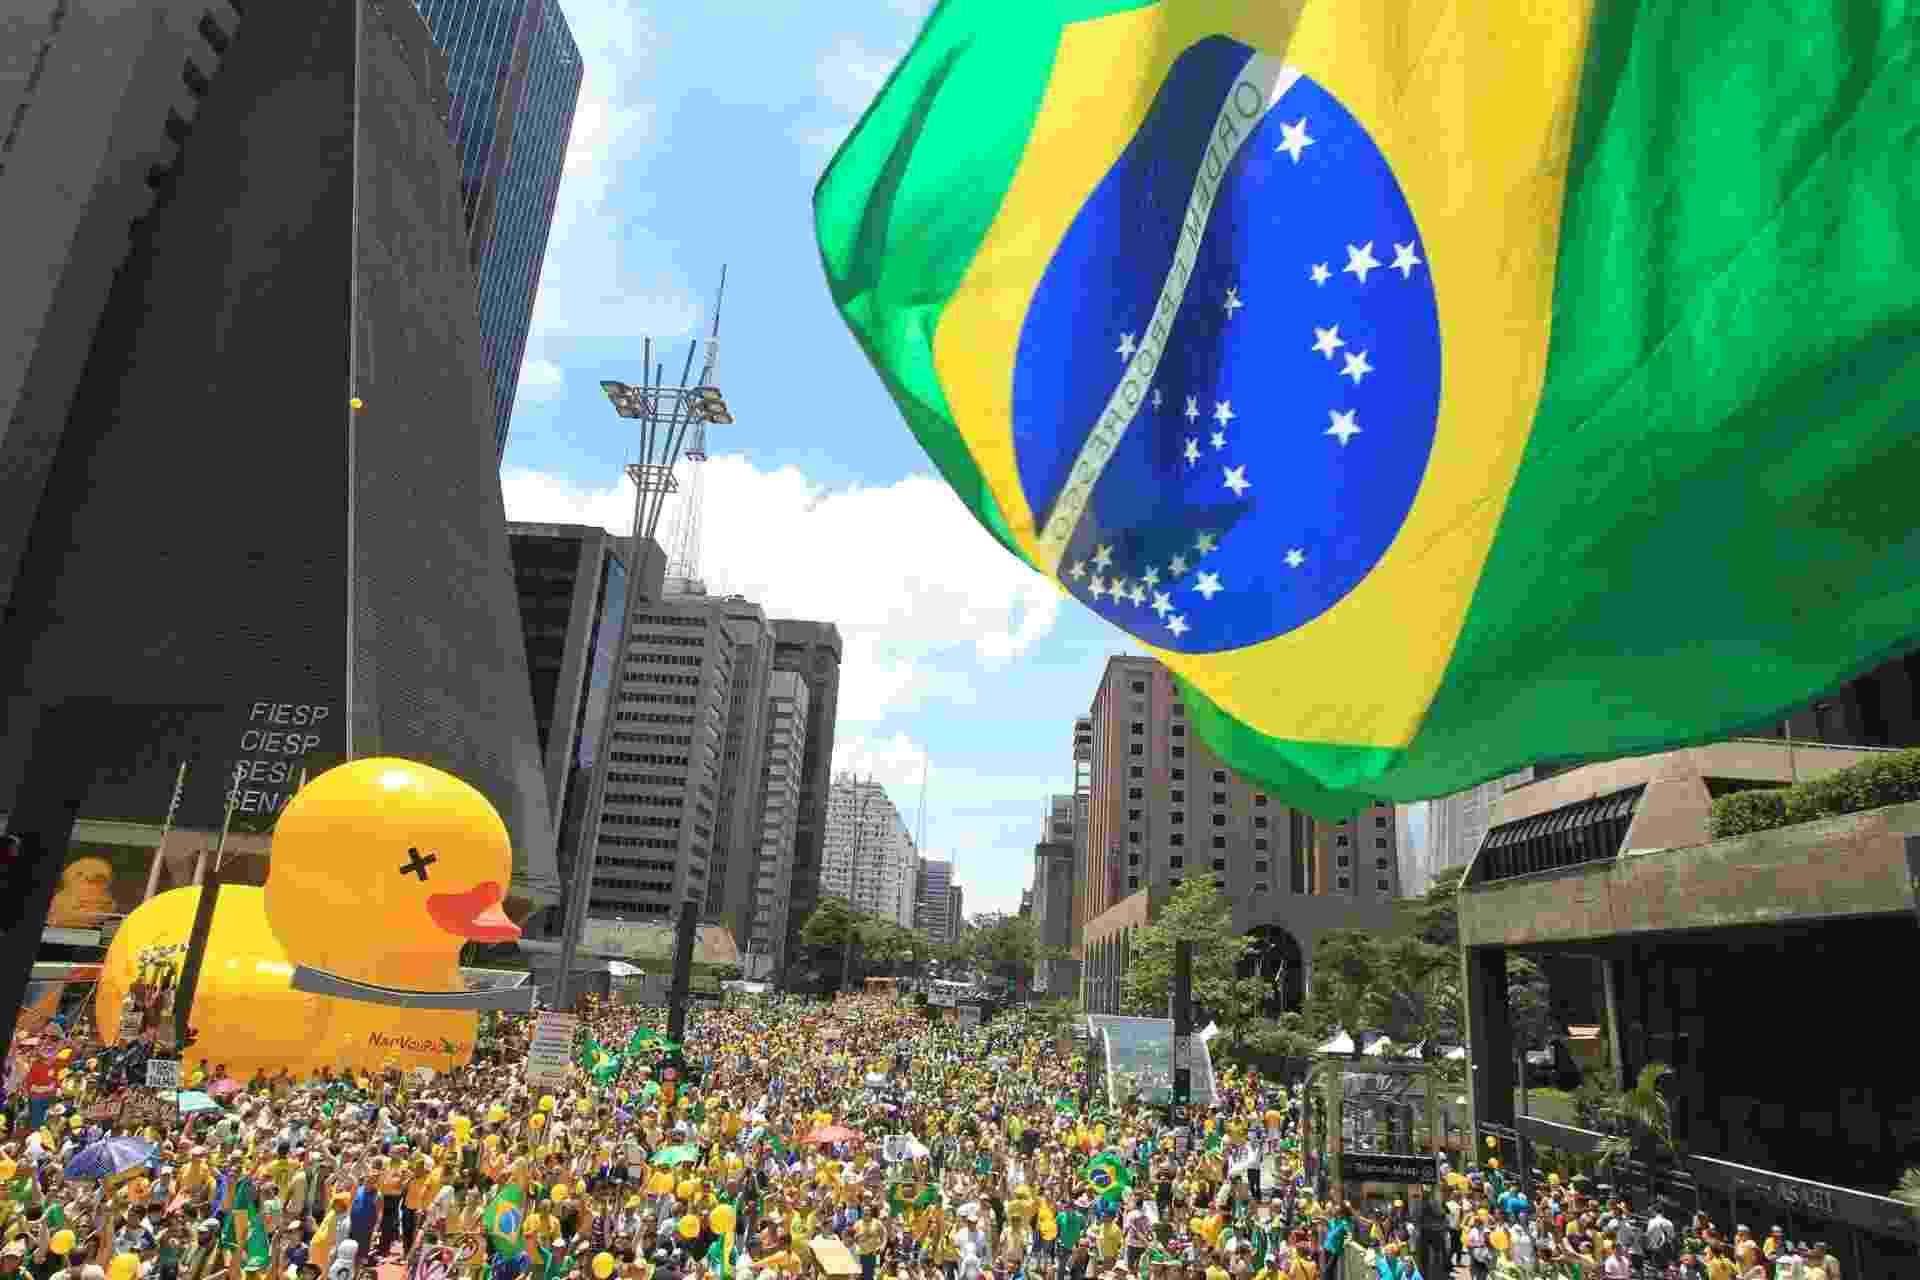 13.dez.2015 - Manifestantes realizam ato pelo impeachment da presidente Dilma Rousseff, na avenida Paulista, em São Paulo - Werther Santana/Estadão Conteúdo